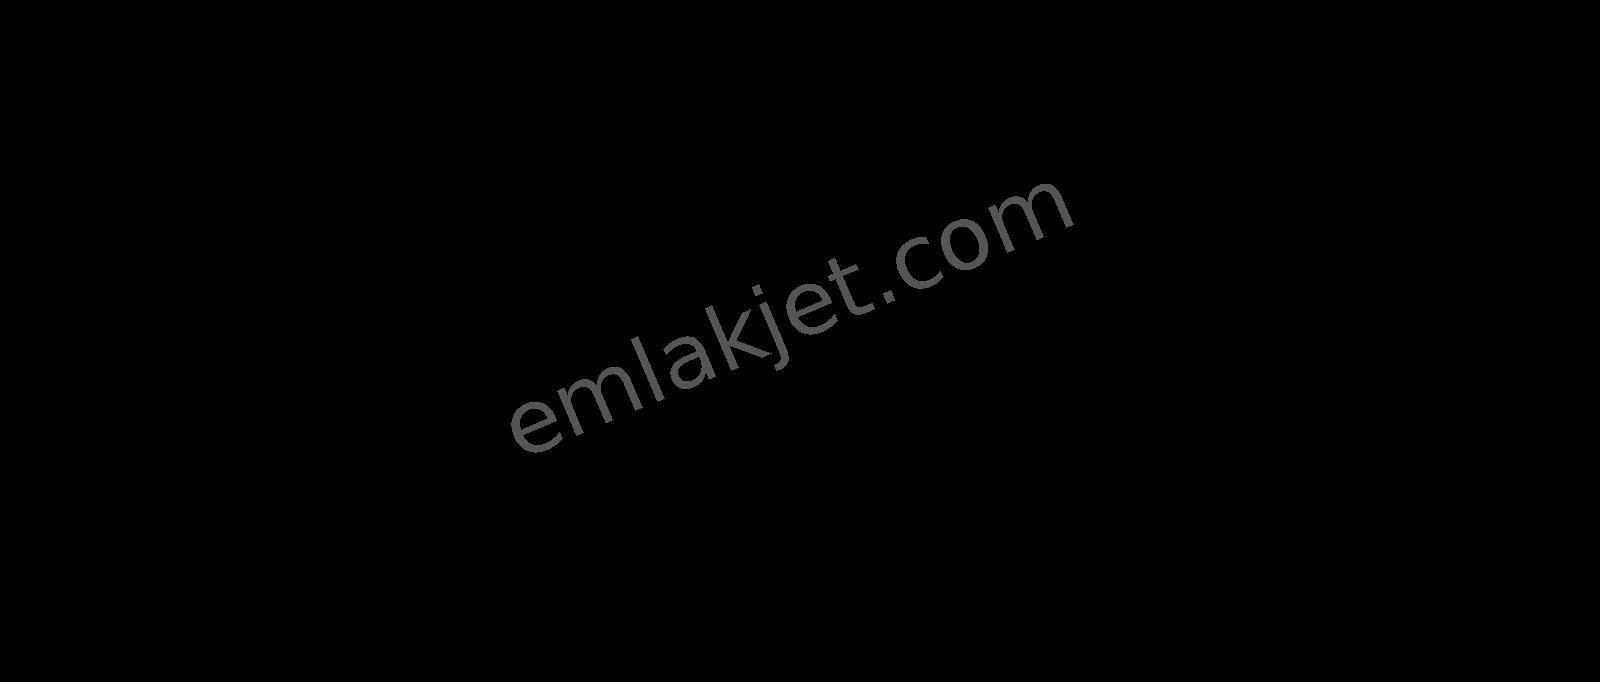 https://imaj.emlakjet.com/listing/9314430/CD49516652AB2D2A847F7648B2E9EA779314430.jpg